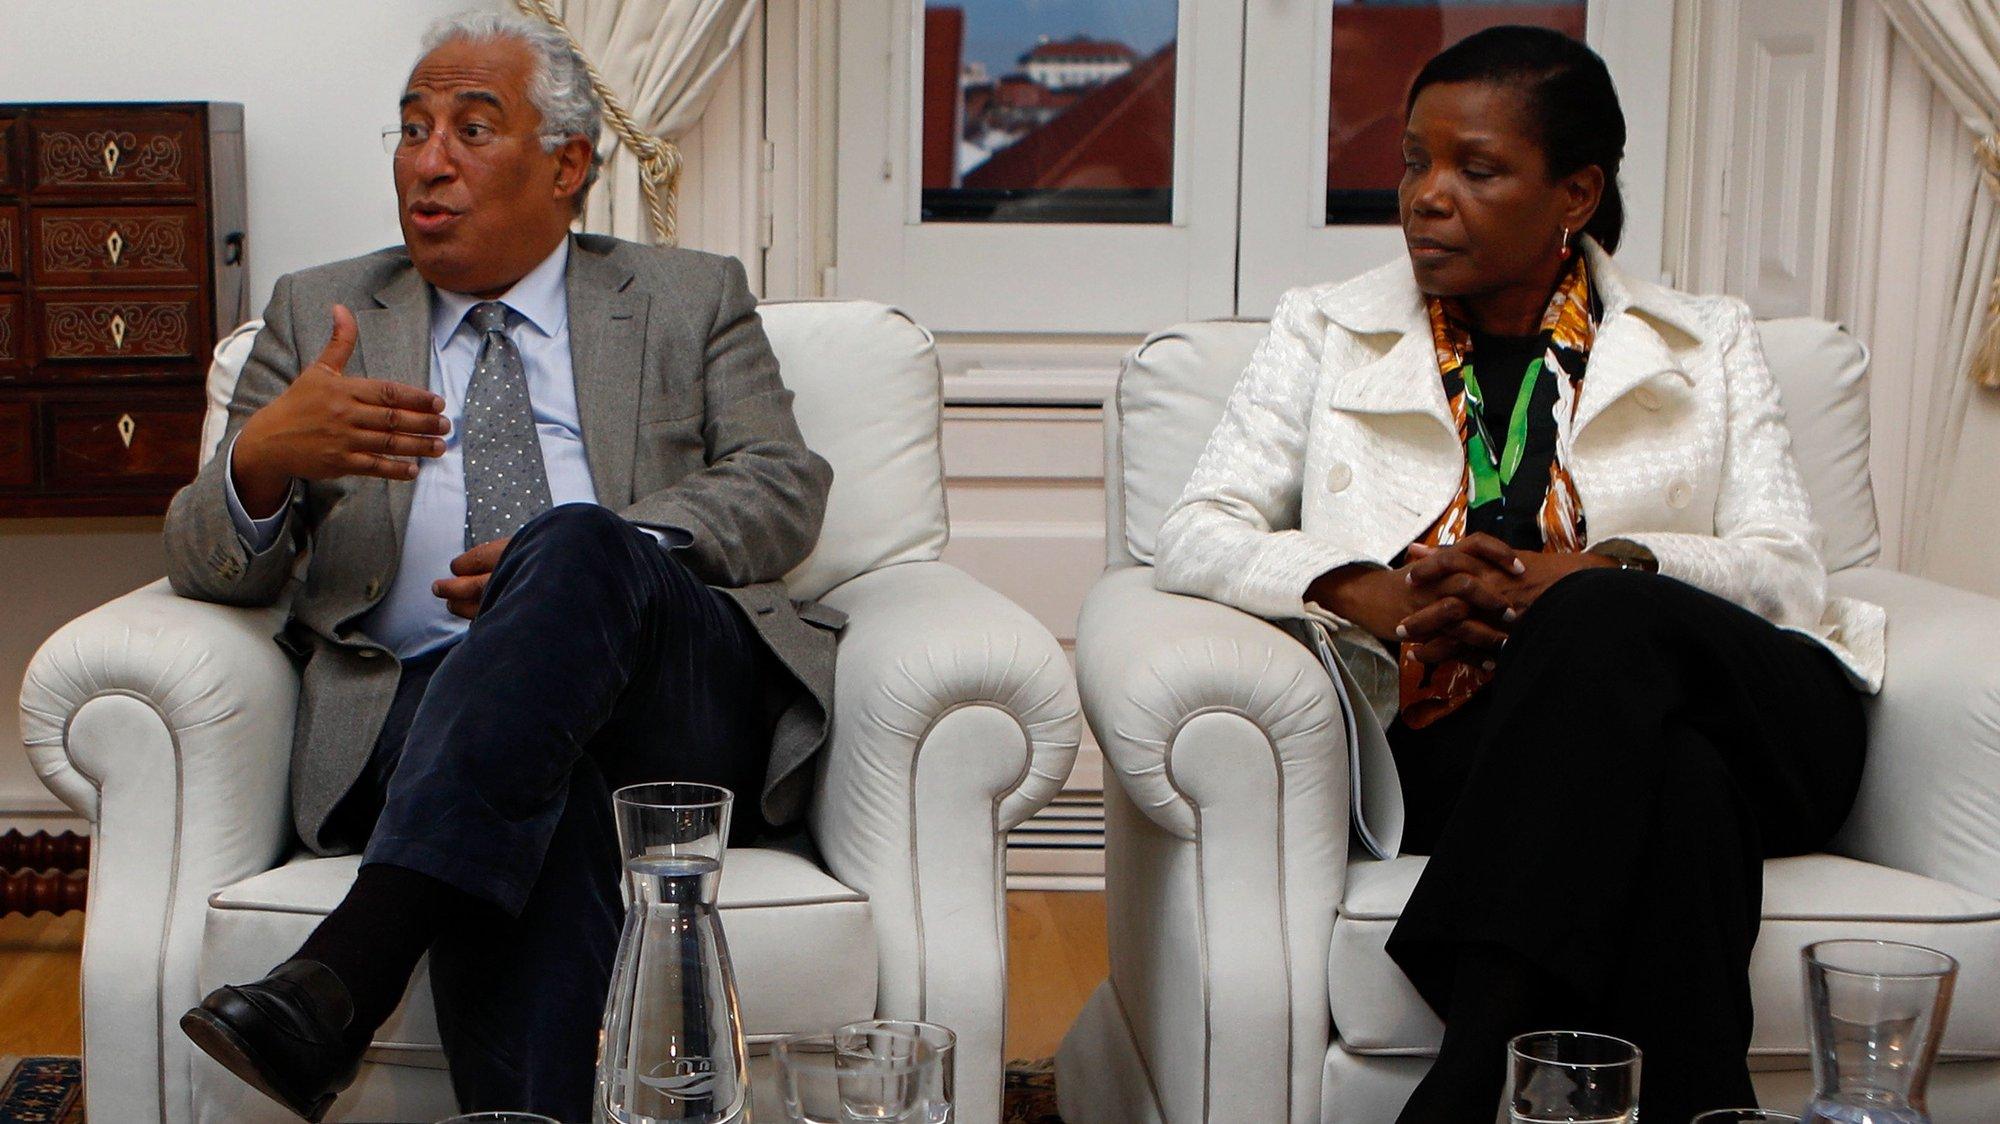 O Primeiro-Ministro António Costa (E), ladeado pela ministra da Justiça, Francisca Van Dunem (D), durante uma reunião no Palácio de São Bento com os membros do Conselho para a fixação de critérios de indemnização das vítimas de incêndios, em Lisboa, 21 de fevereiro de 2018. ANTÓNIO PEDRO SANTOS/LUSA